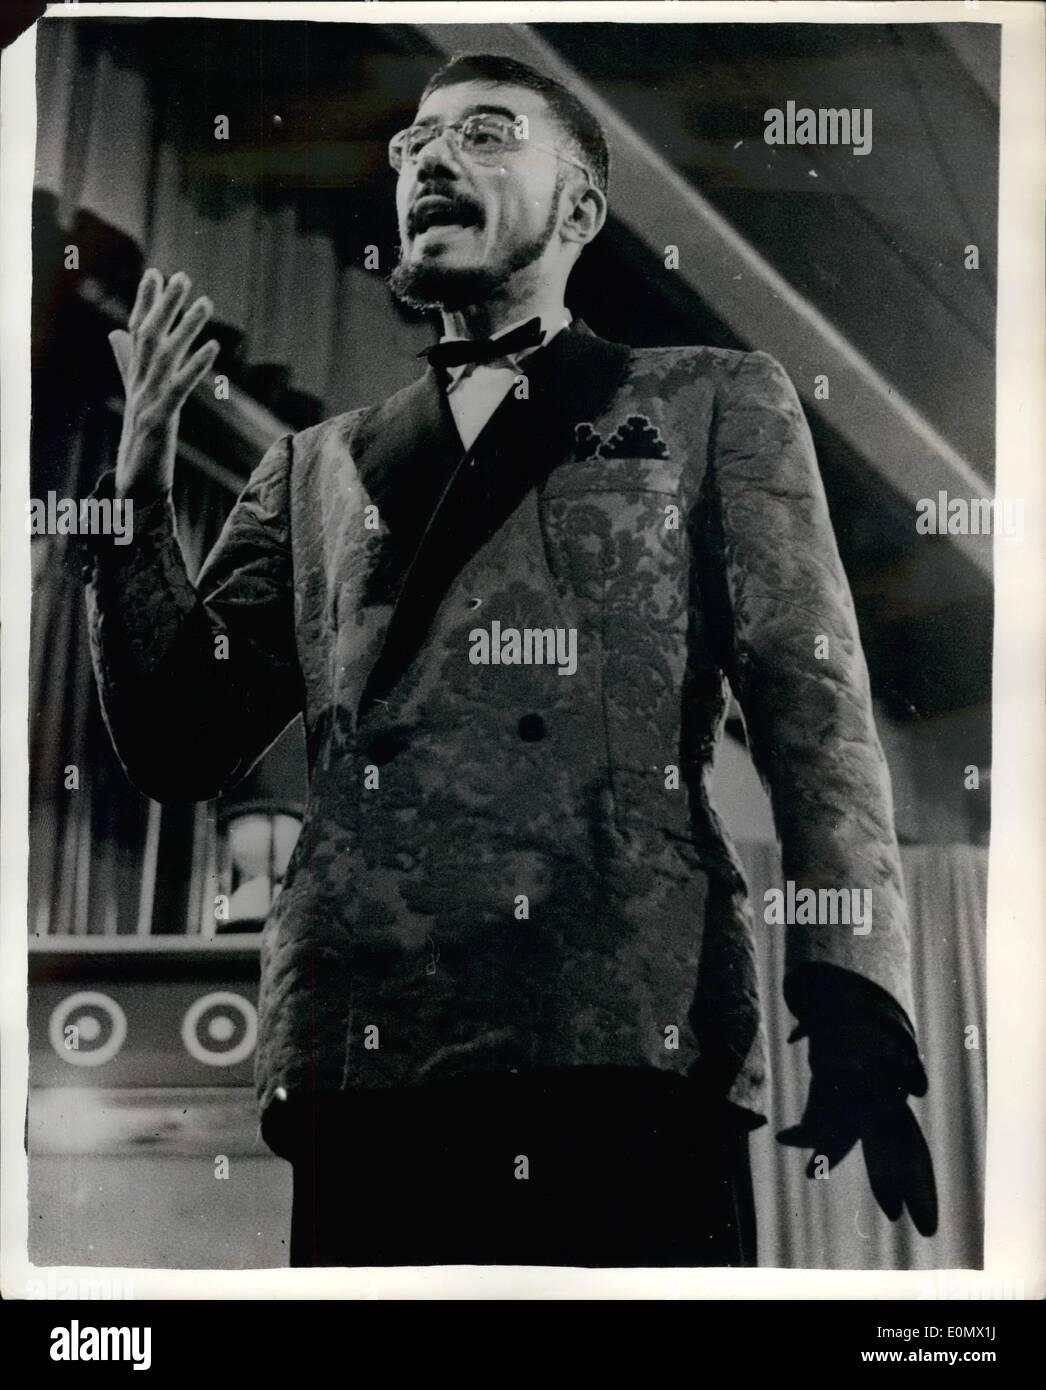 10 octobre 1956 - Le nouveau ''Beau Brummel'' de l'Italie - en concurrence dans ''Fashion'' Quiz à Milan... Gianluigi Marianinj - qui a remporté le titre de la nouvelle ''Beau Brummel'' de l'Italie - en raison de son étonnante modes de robe - est en train de prendre part à une télévision. Programme Quiz à Milan. et créé tout à fait une sensation en raison de son incroyable connaissance de la mode. Il a causé beaucoup de rires en raison de sa méthode de réponse à certaines des questions difficiles Photo Stock